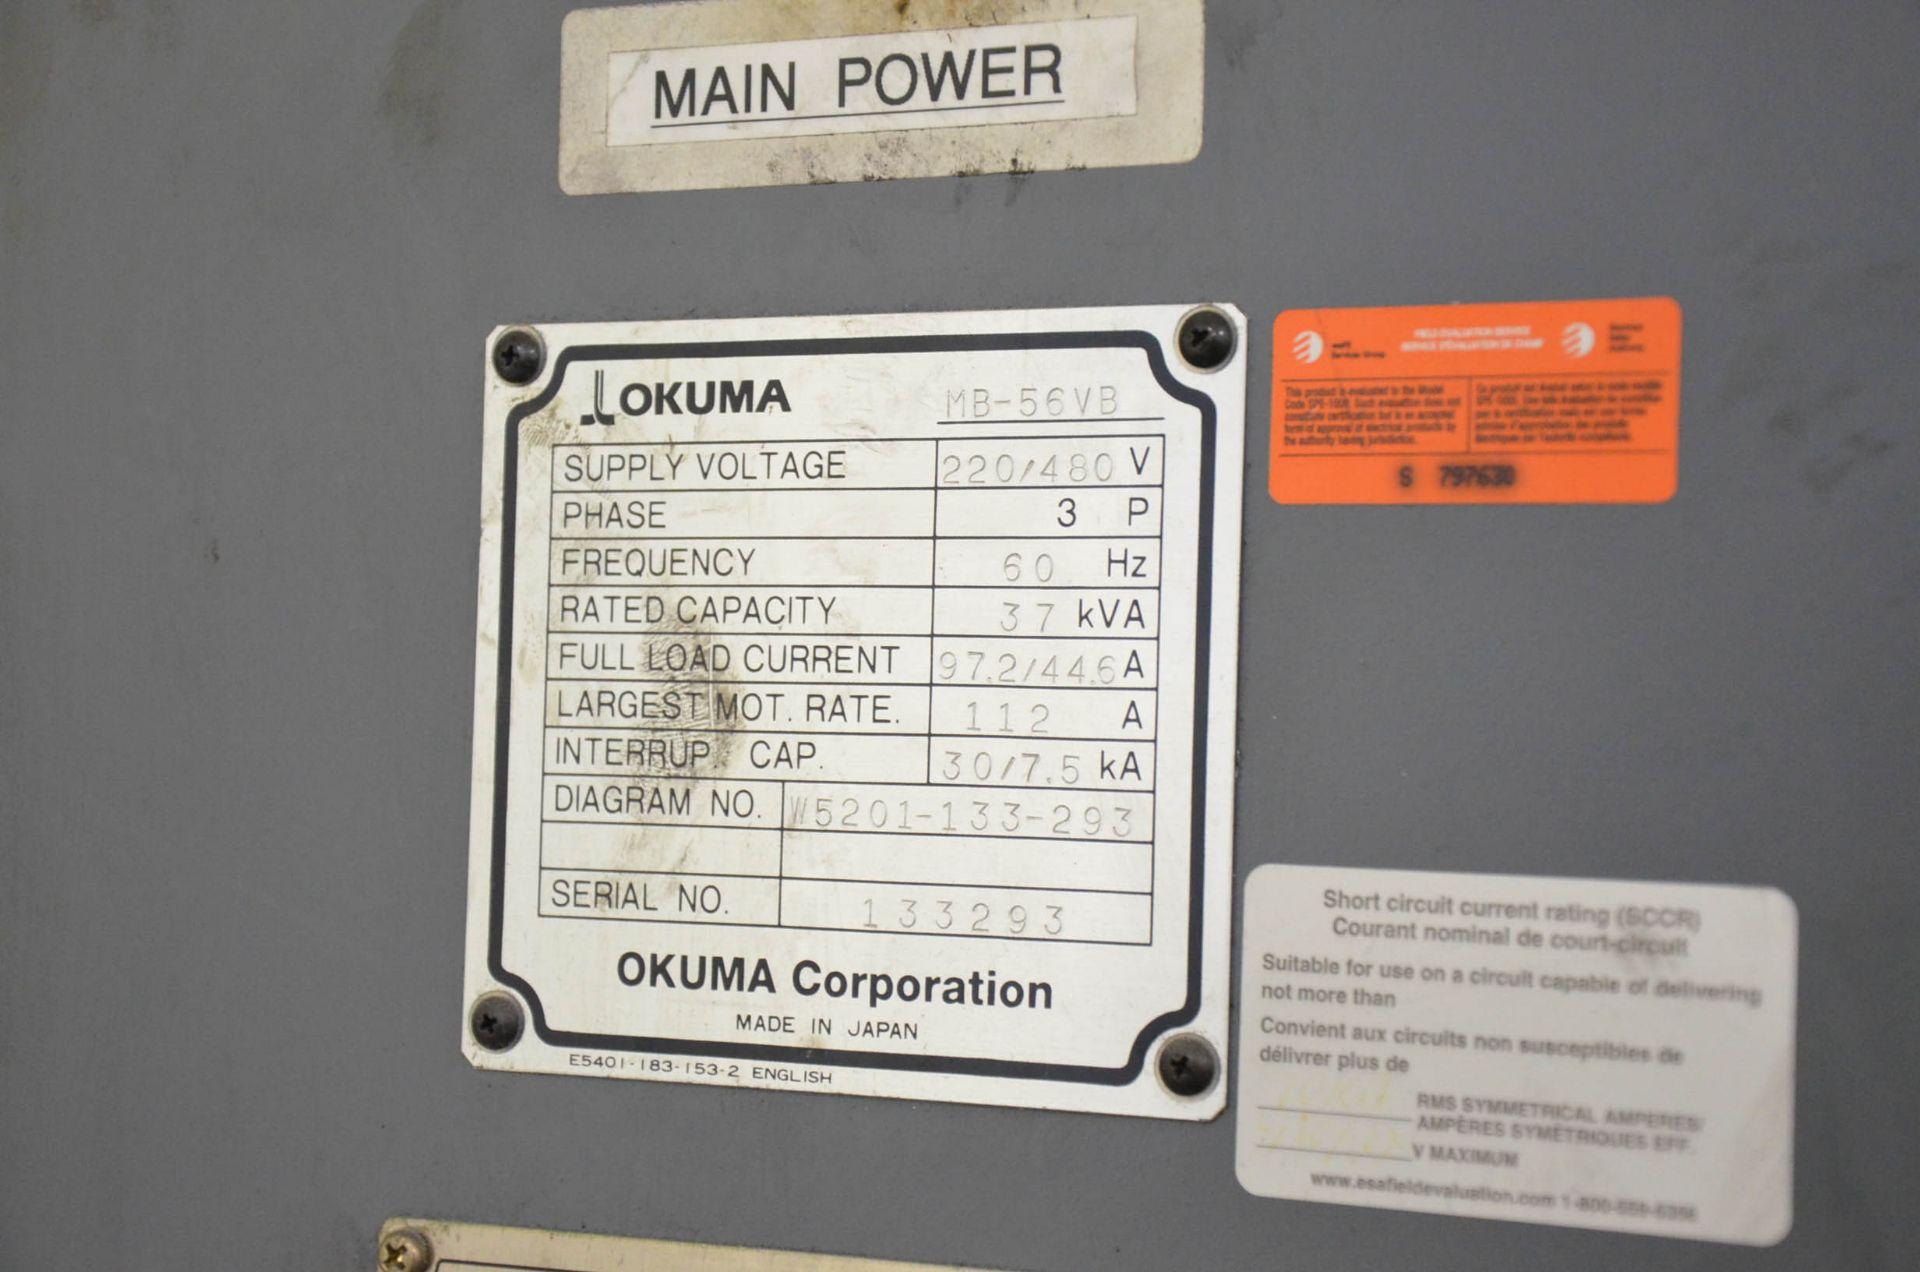 OKUMA (2007) ACE CENTER MB-56VB CNC VERTICAL MACHINING CENTER WITH OKUMA OSP-P200M CNC CONTROL, - Image 10 of 11